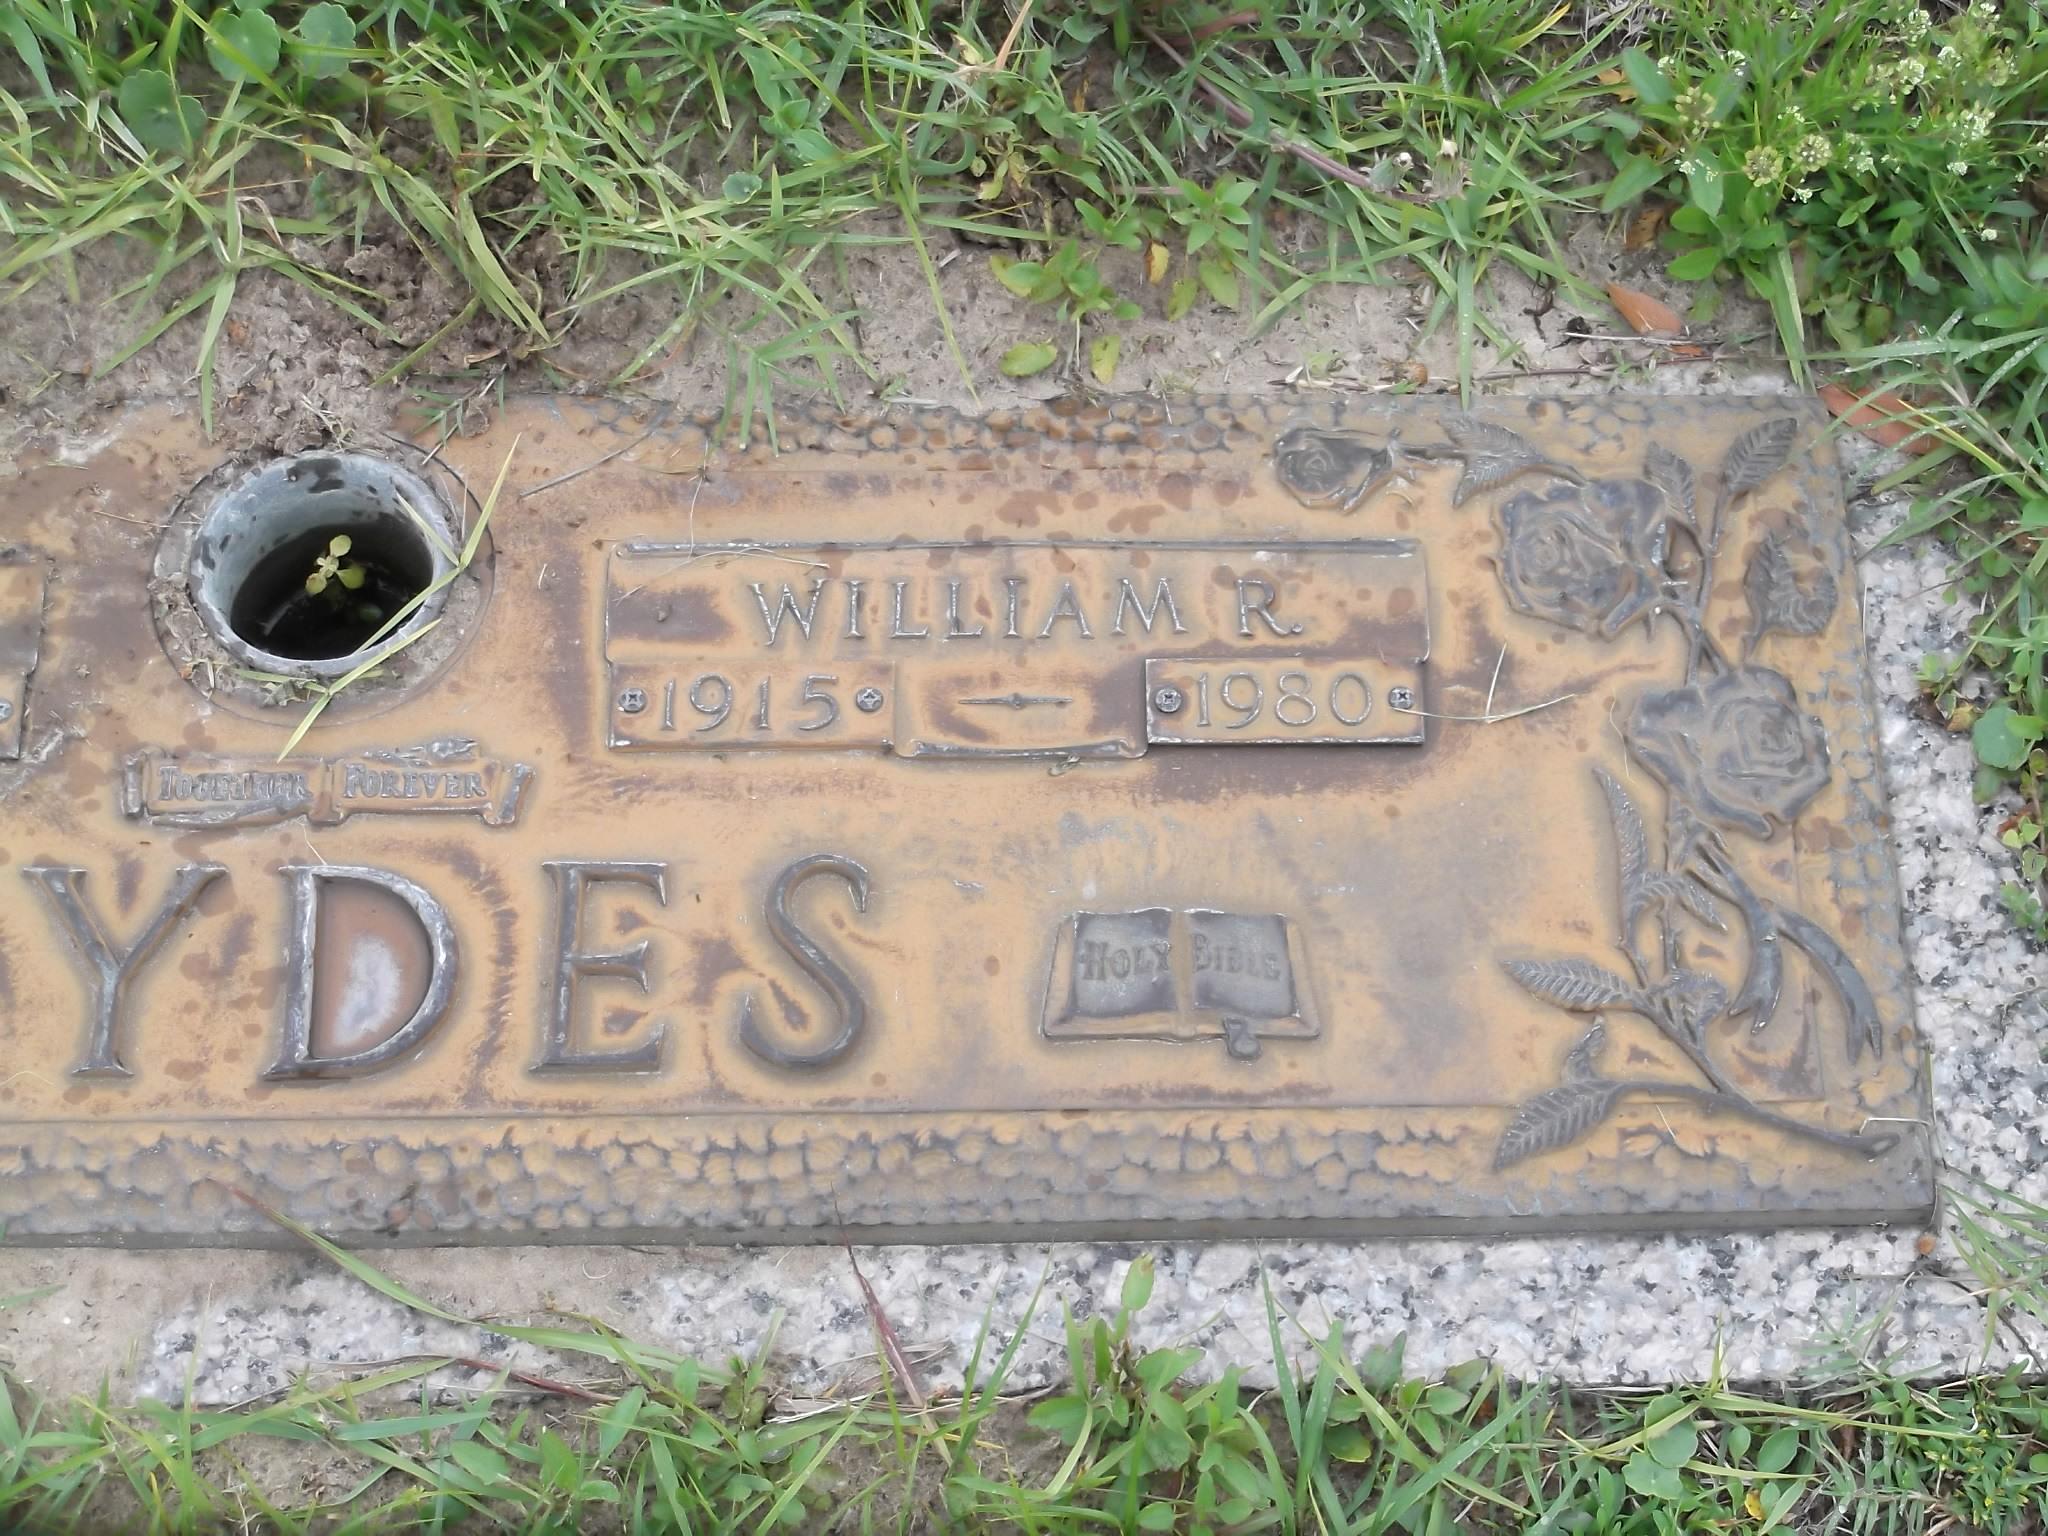 William Roy Hydes